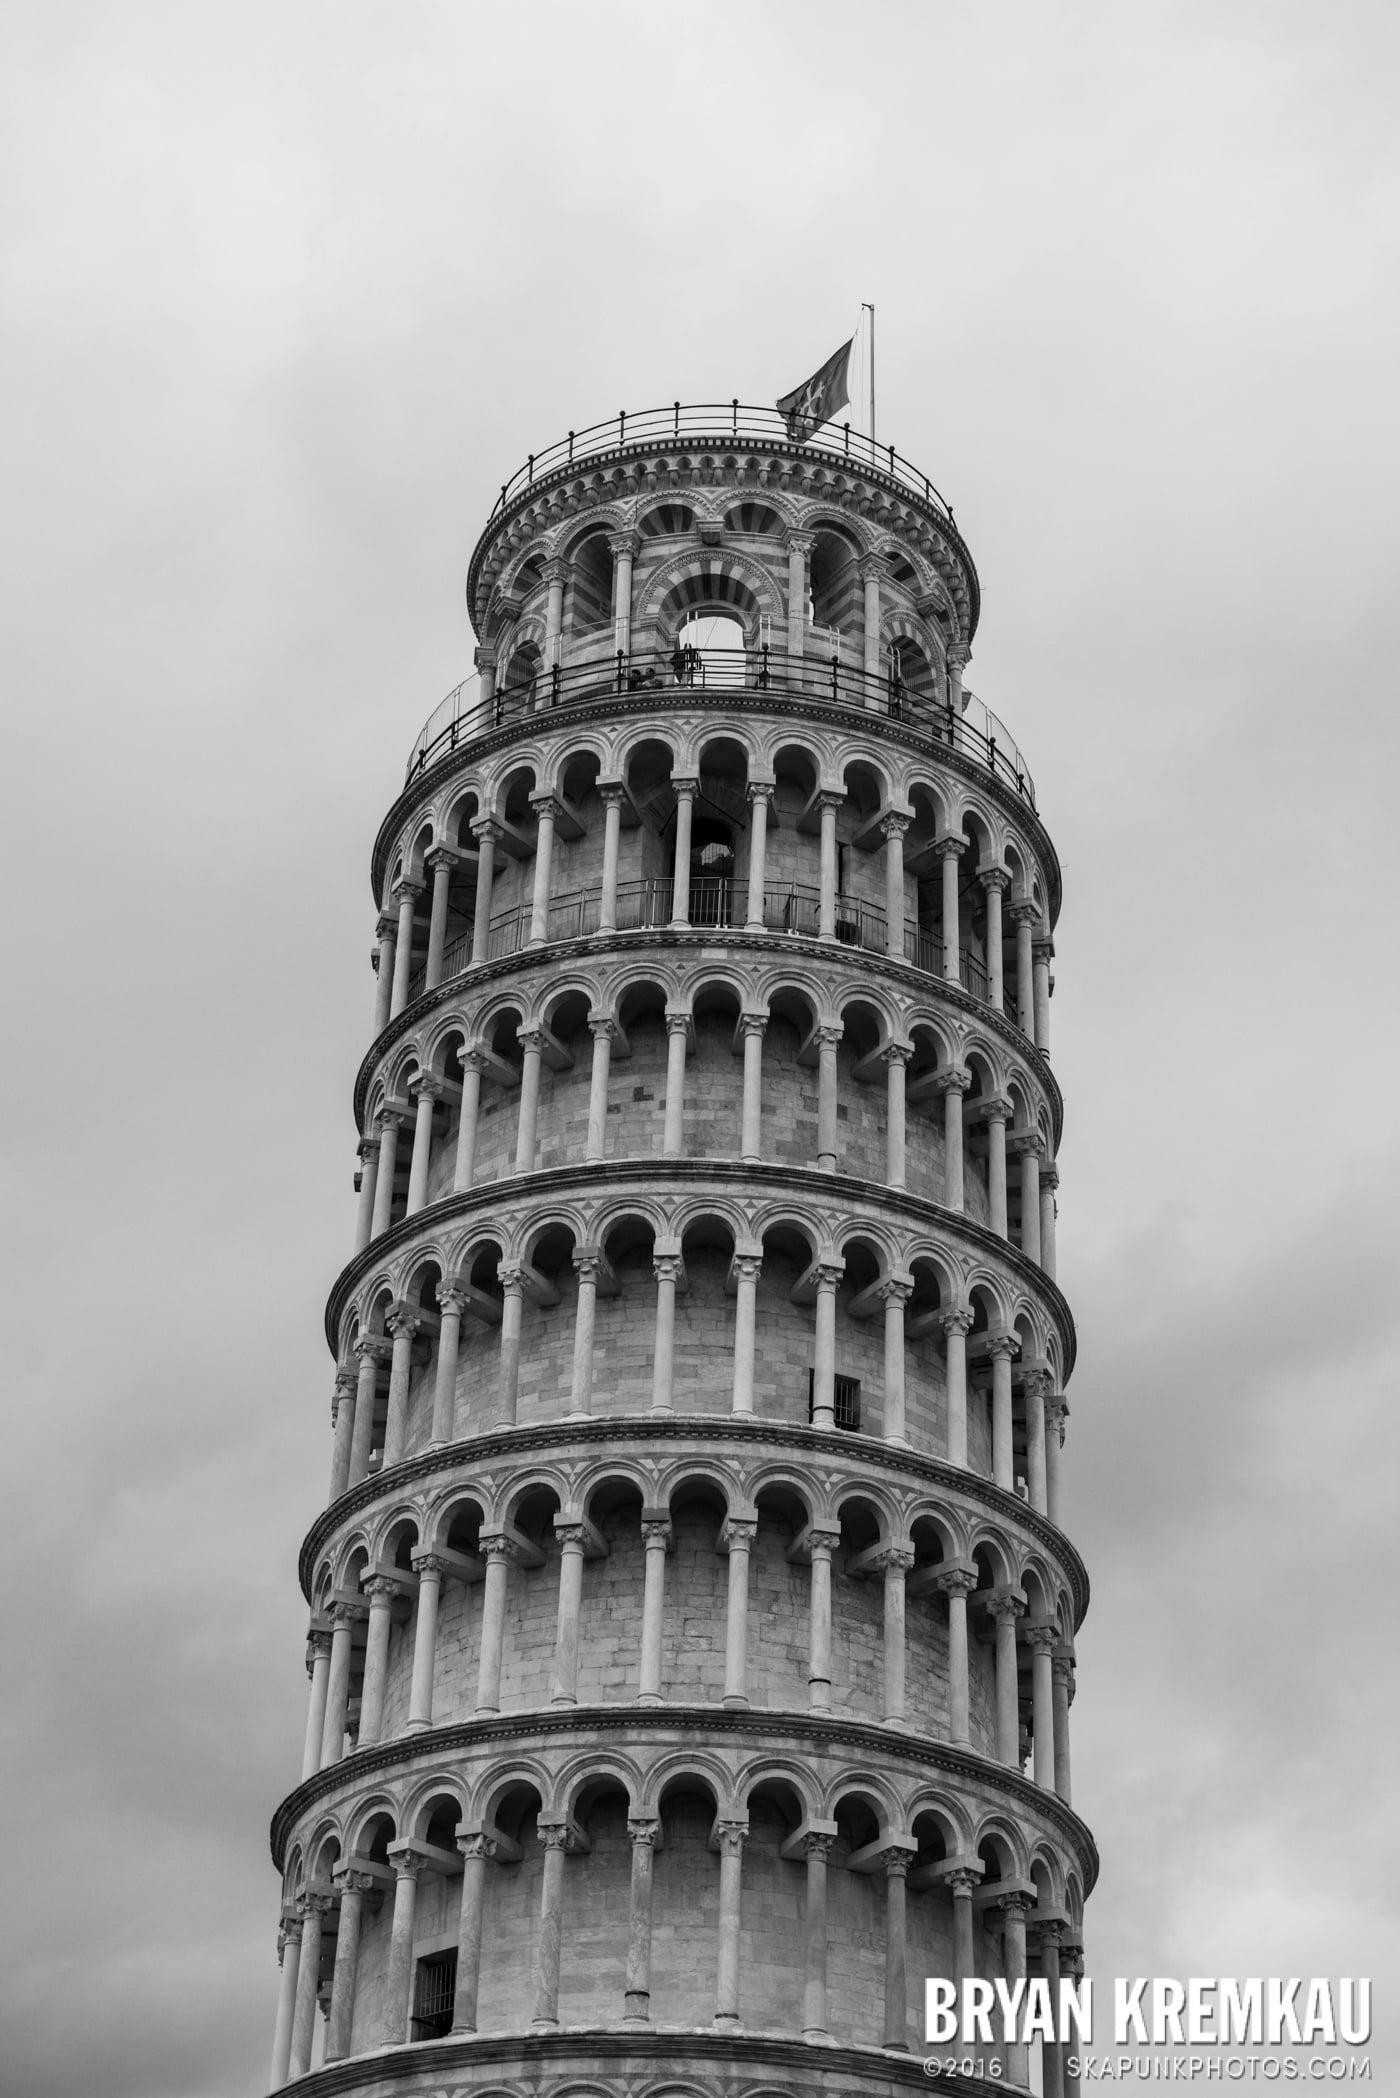 Italy Vacation - Day 8: Siena, San Gimignano, Chianti, Pisa - 9.16.13 (30)